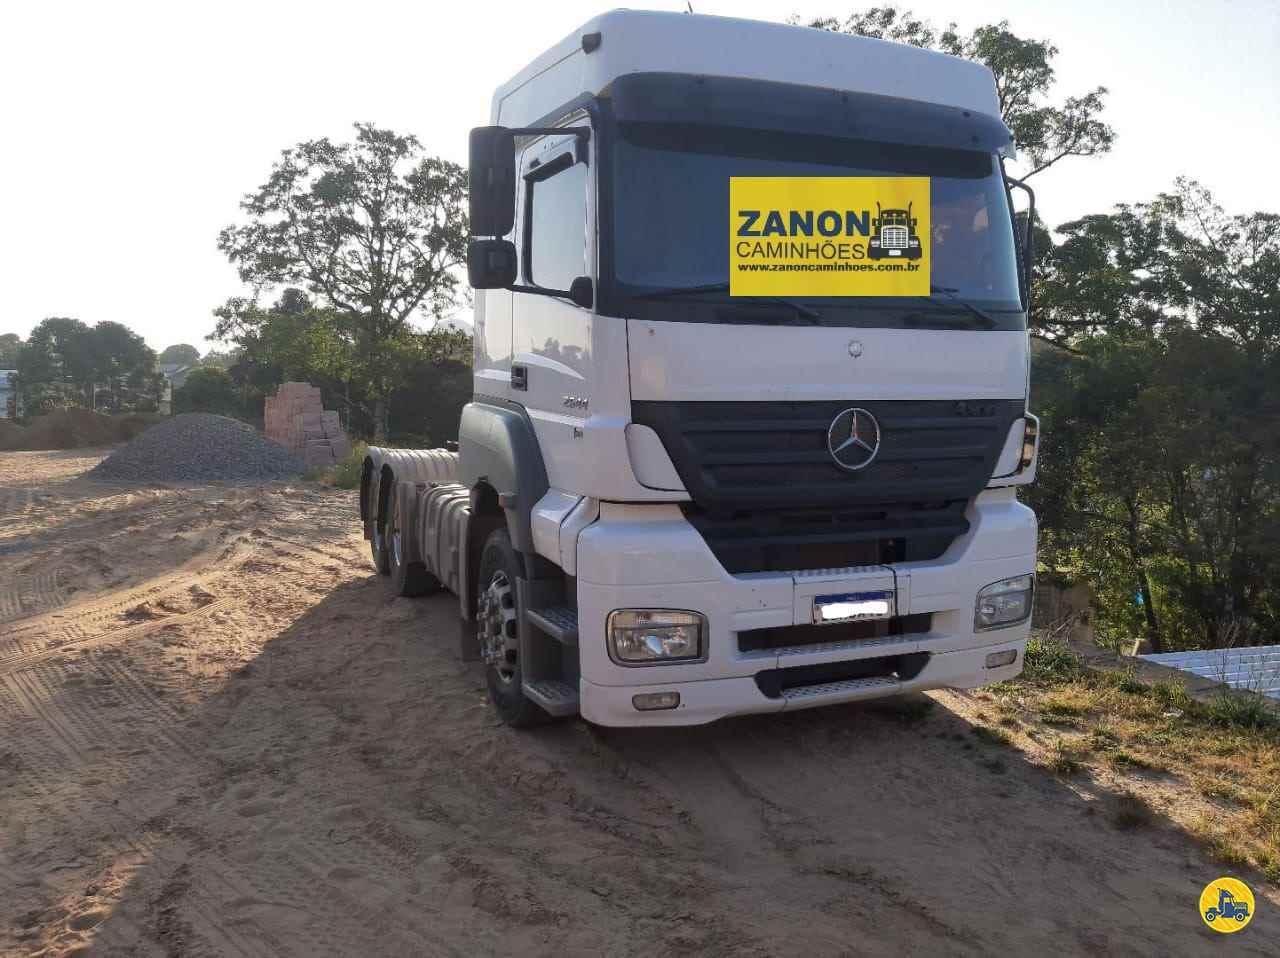 CAMINHAO MERCEDES-BENZ MB 2544 Cavalo Mecânico Truck 6x2 Zanon Caminhões e Implementos PASSO FUNDO RIO GRANDE DO SUL RS